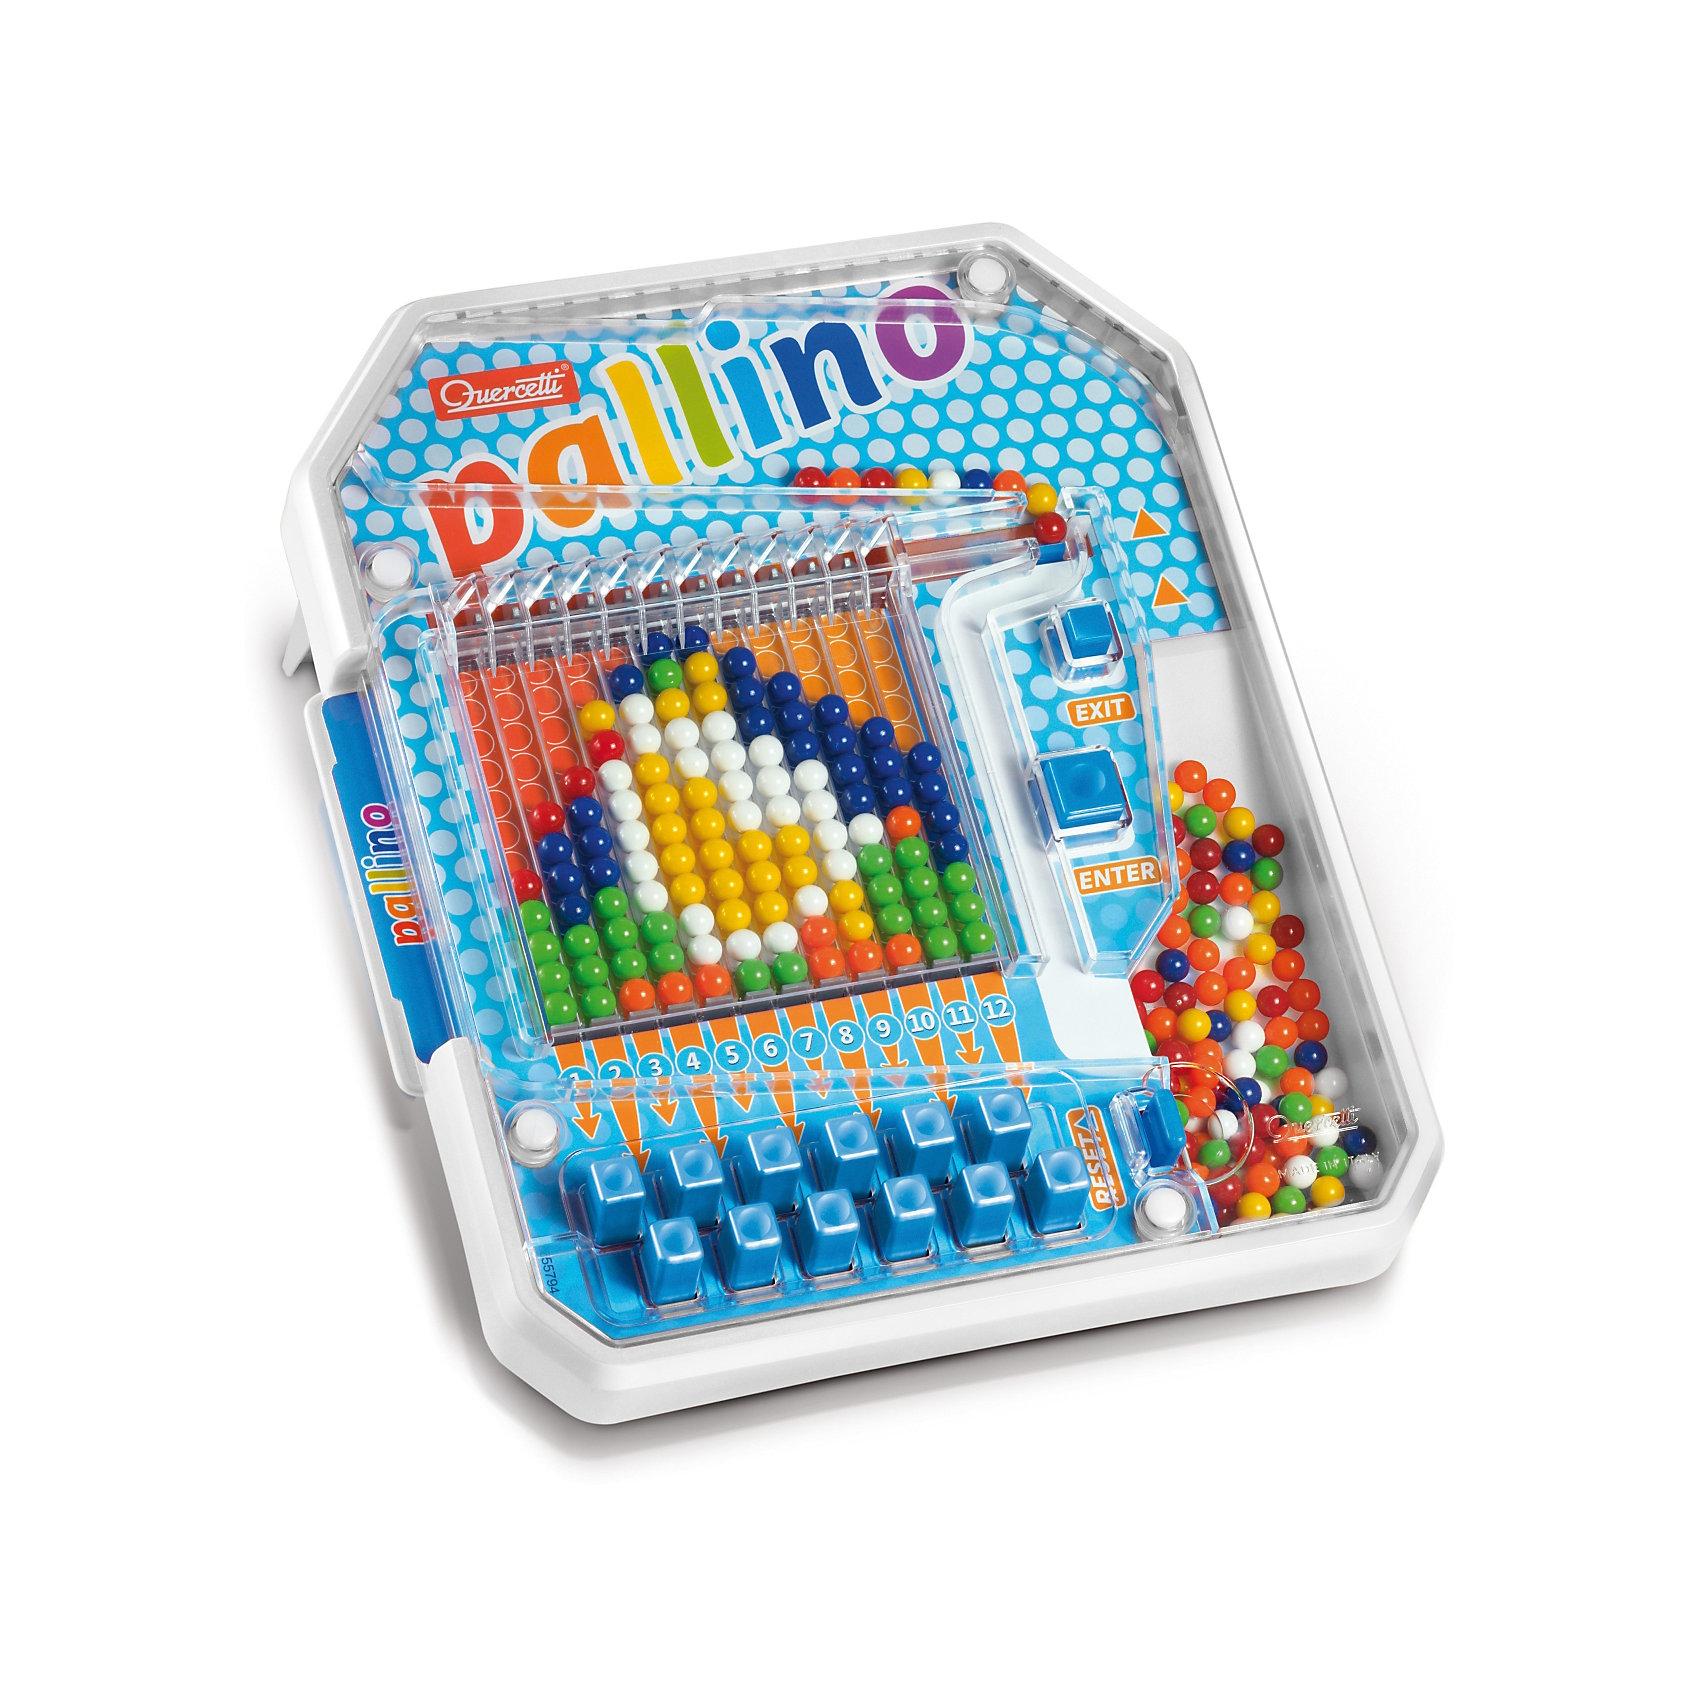 Настольная игра Паллино, QuercettiИгры для развлечений<br>Настольная игра Паллино, Quercetti (Кверсетти).<br><br>Характеристики:<br><br>- В наборе: игровое поле с разноцветными шариками внутри, 6 карточек с заданиями, инструкция<br>- Материал: безопасный пластик, окрашенный нетоксичными красками<br>- Упаковка: картонная коробка с ручкой<br>- Размер упаковки: 42 х 35,5 х 7 см.<br>- Вес: 1,2 кг.<br><br>Увлекательная настольная игра Паллино – это уникальная механическая мозаика, в которой узоры собираются последовательно из разноцветных шариков. Сначала шарик закатывается в «бункер» и надо определить, подходит ли он для установки в какой-либо столбик (по узору) или нет. Затем кнопками Enter и Exit выбирается, куда покатится шарик – дальше к столбикам или вернётся к остальным, то есть выкатится в сторону «выхода». Нижние 12 кнопок определяют, в какой именно столбик попадет выбранный шарик. После того, как ребенок все правильно рассчитал, нужно нажать кнопку «Enter», и выбранный шарик покатится прямо в нужный столбик. Если по ошибке шарик попал не в тот столбик, то придётся сбрасывать – «открыть» все рычажки, поставив верхний так, чтобы закрыть проход наверх, наклонить игровое поле и тогда шарики выкатятся в направлении Reset. После сборки всей картинки можно освободить место для нового узора – картинка сбрасывается последовательно по одной колонке. Игра Паллино развивает фантазию, образное мышление и воображение, а также цветовое восприятие и слаженность движений. Игра изготовлена из высококачественного пластика и окрашена нетоксичными гипоаллергенными красками.<br><br>Настольную игру Паллино, Quercetti (Кверсетти) можно купить в нашем интернет-магазине.<br><br>Ширина мм: 420<br>Глубина мм: 70<br>Высота мм: 360<br>Вес г: 1199<br>Возраст от месяцев: 48<br>Возраст до месяцев: 2147483647<br>Пол: Унисекс<br>Возраст: Детский<br>SKU: 5140064